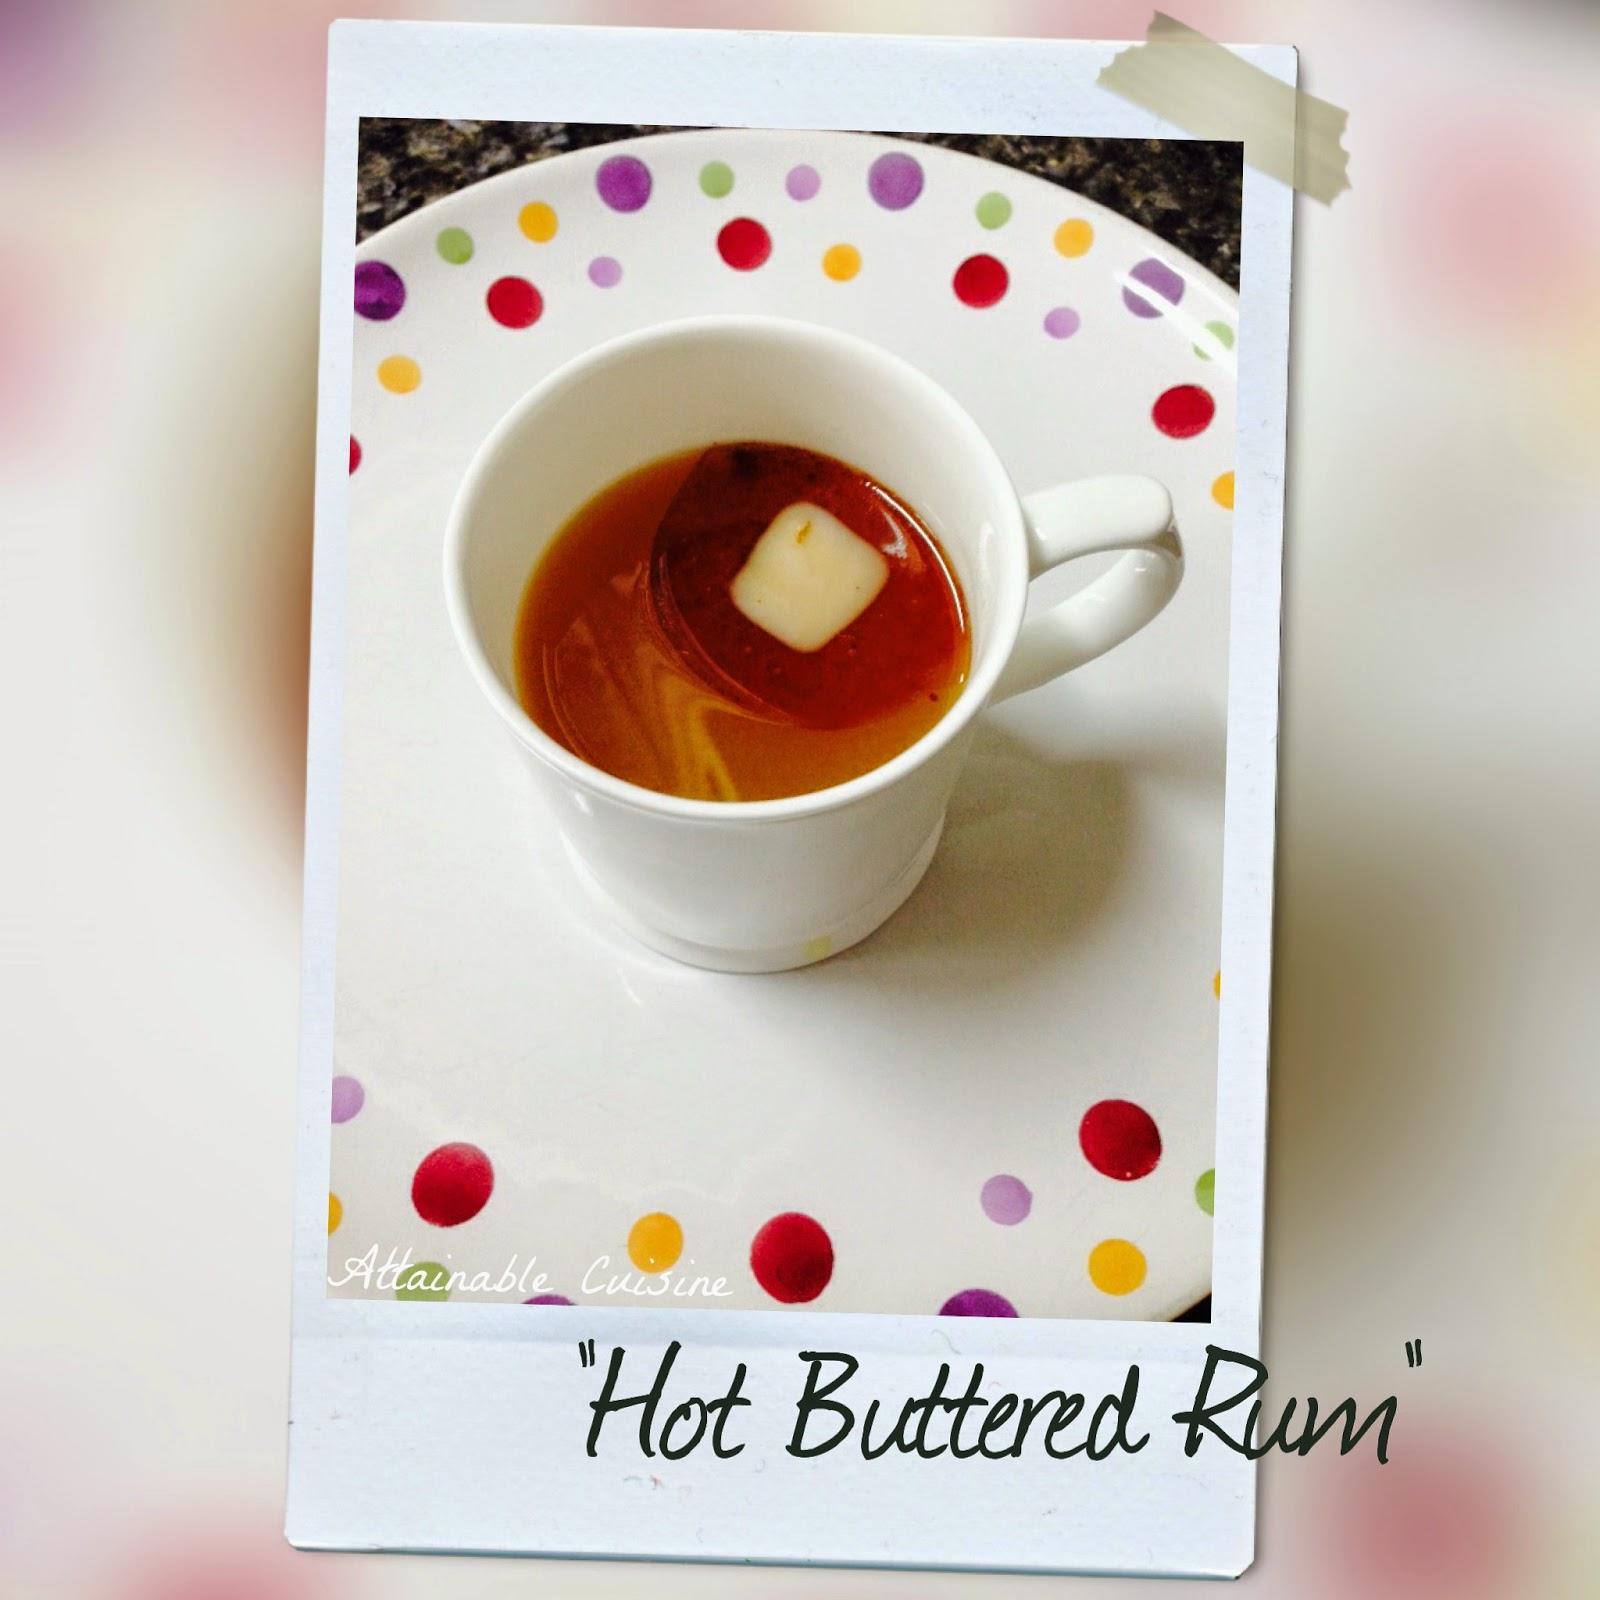 http://attainablecuisine.blogspot.com/2014/12/hot-buttered-rum.html